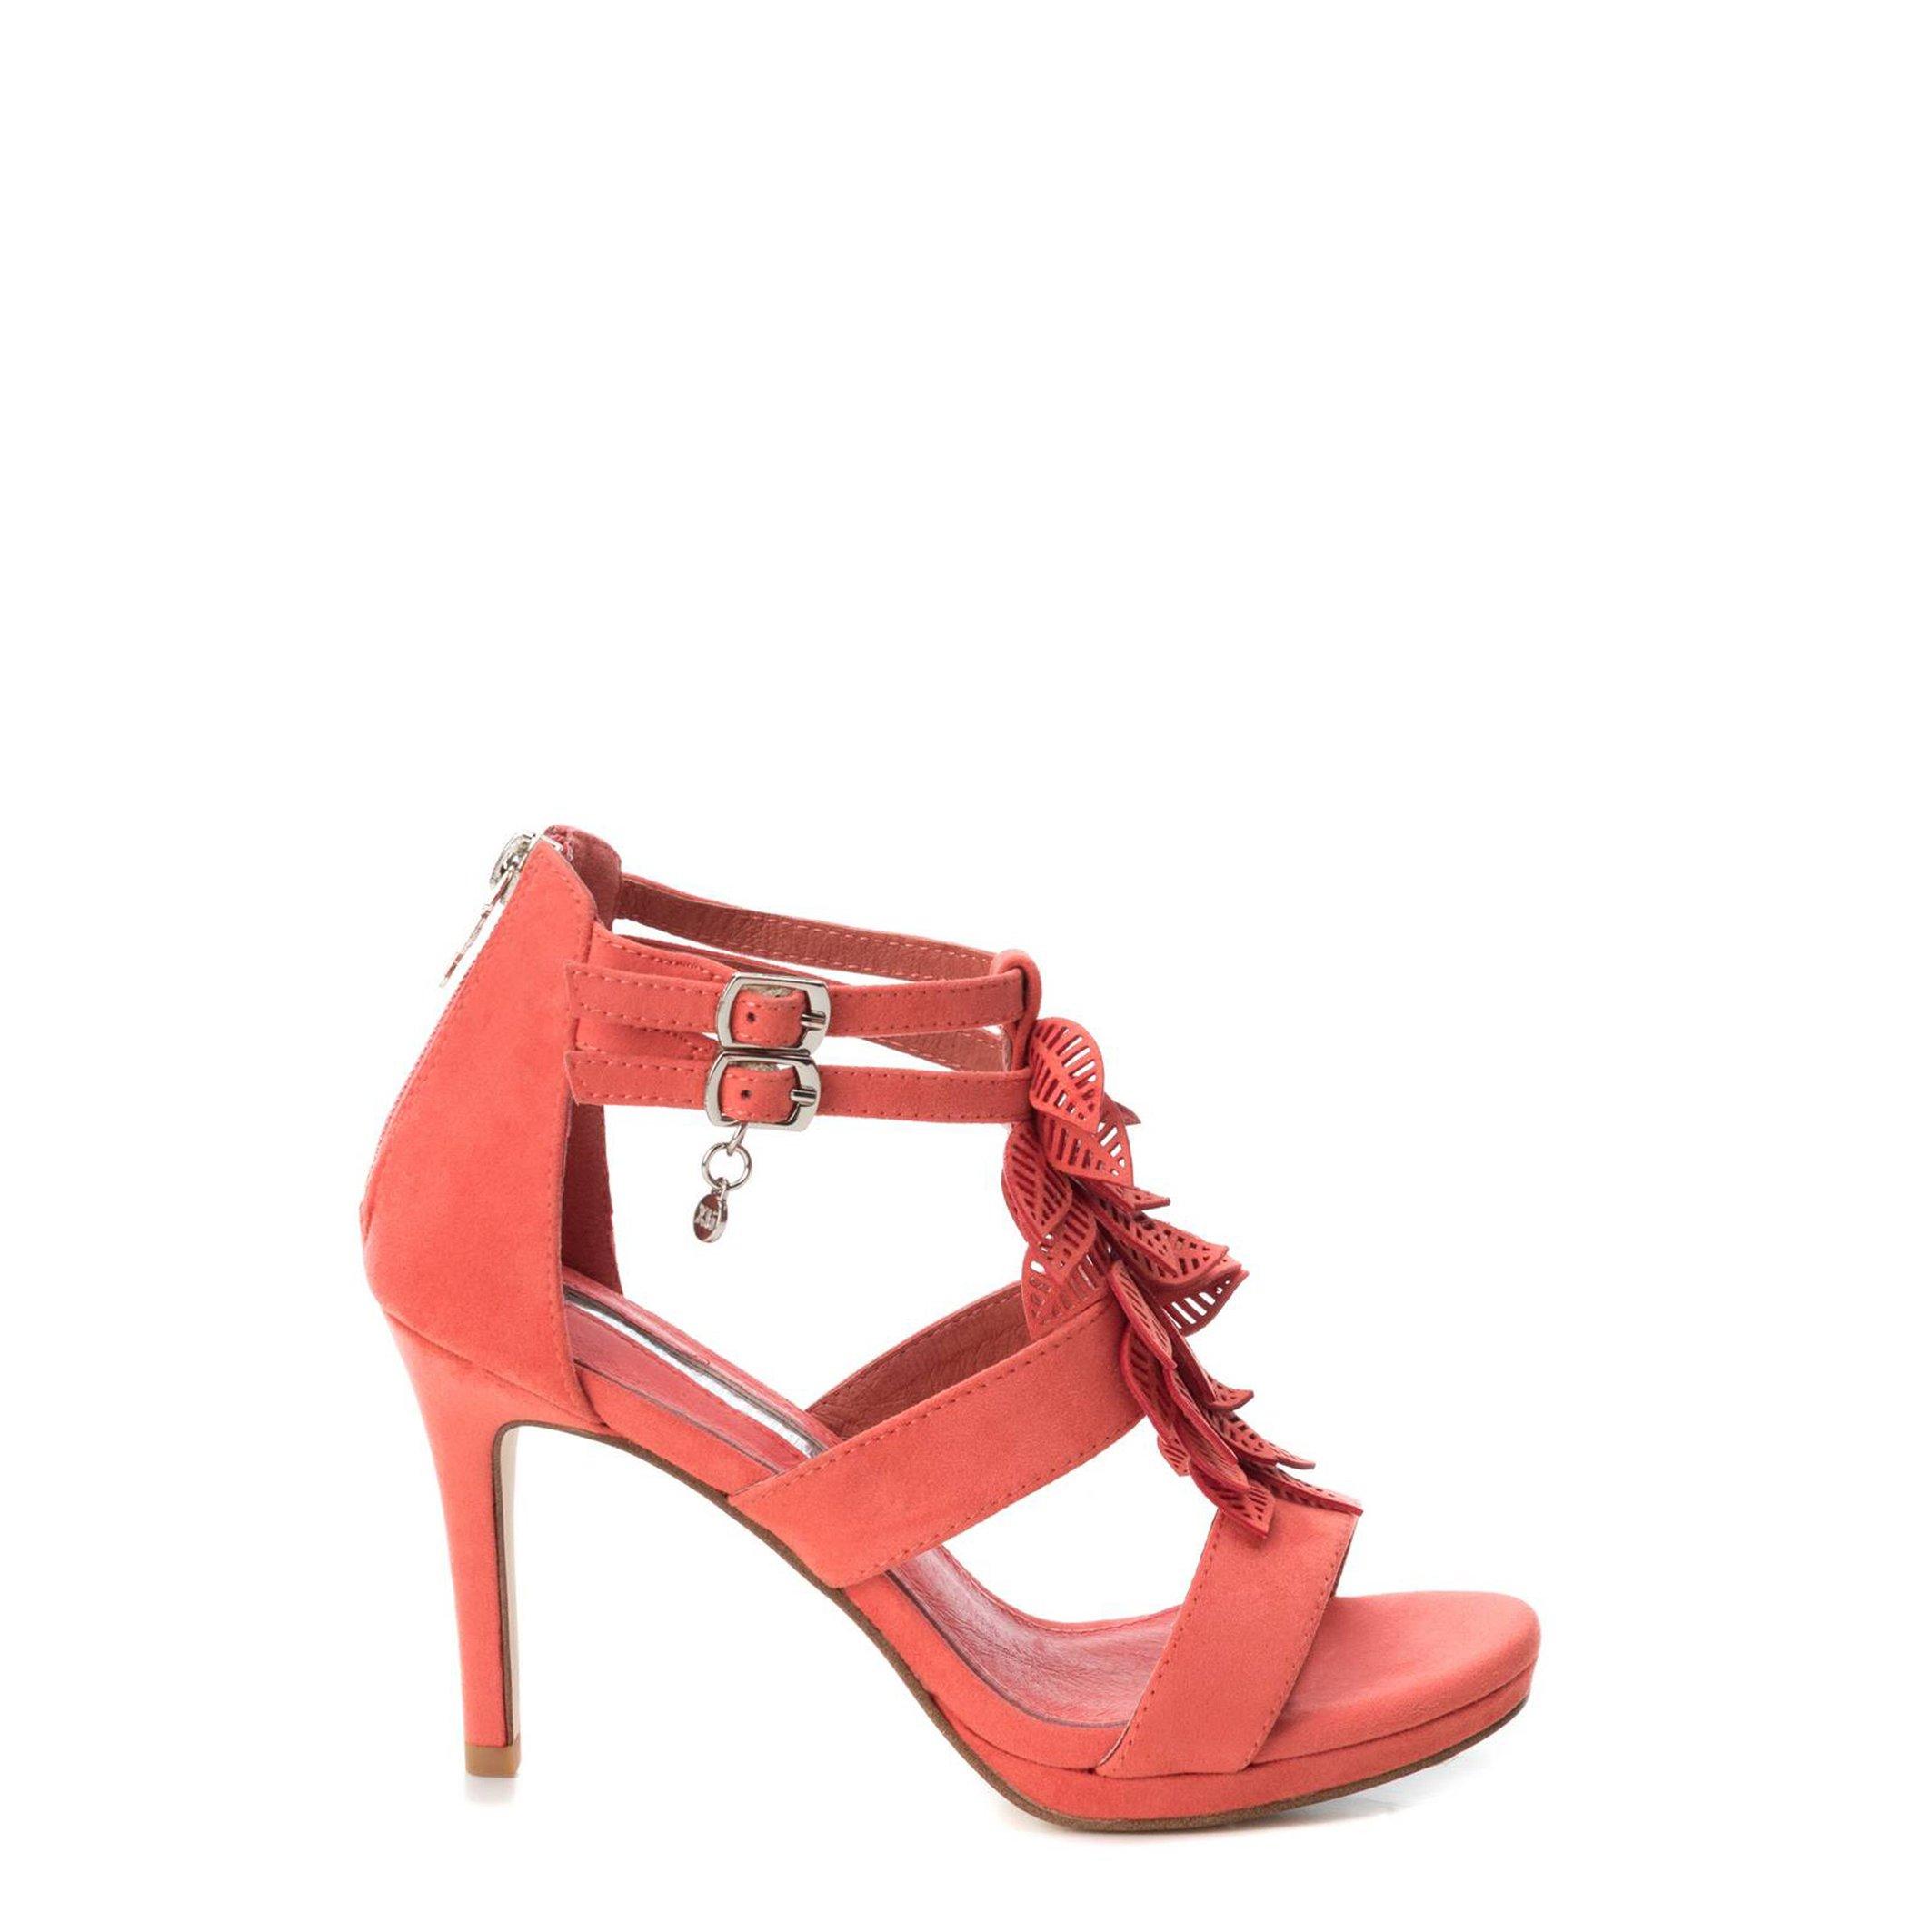 Xti Women's Sandals Various Colors 32077 - red 38 EU